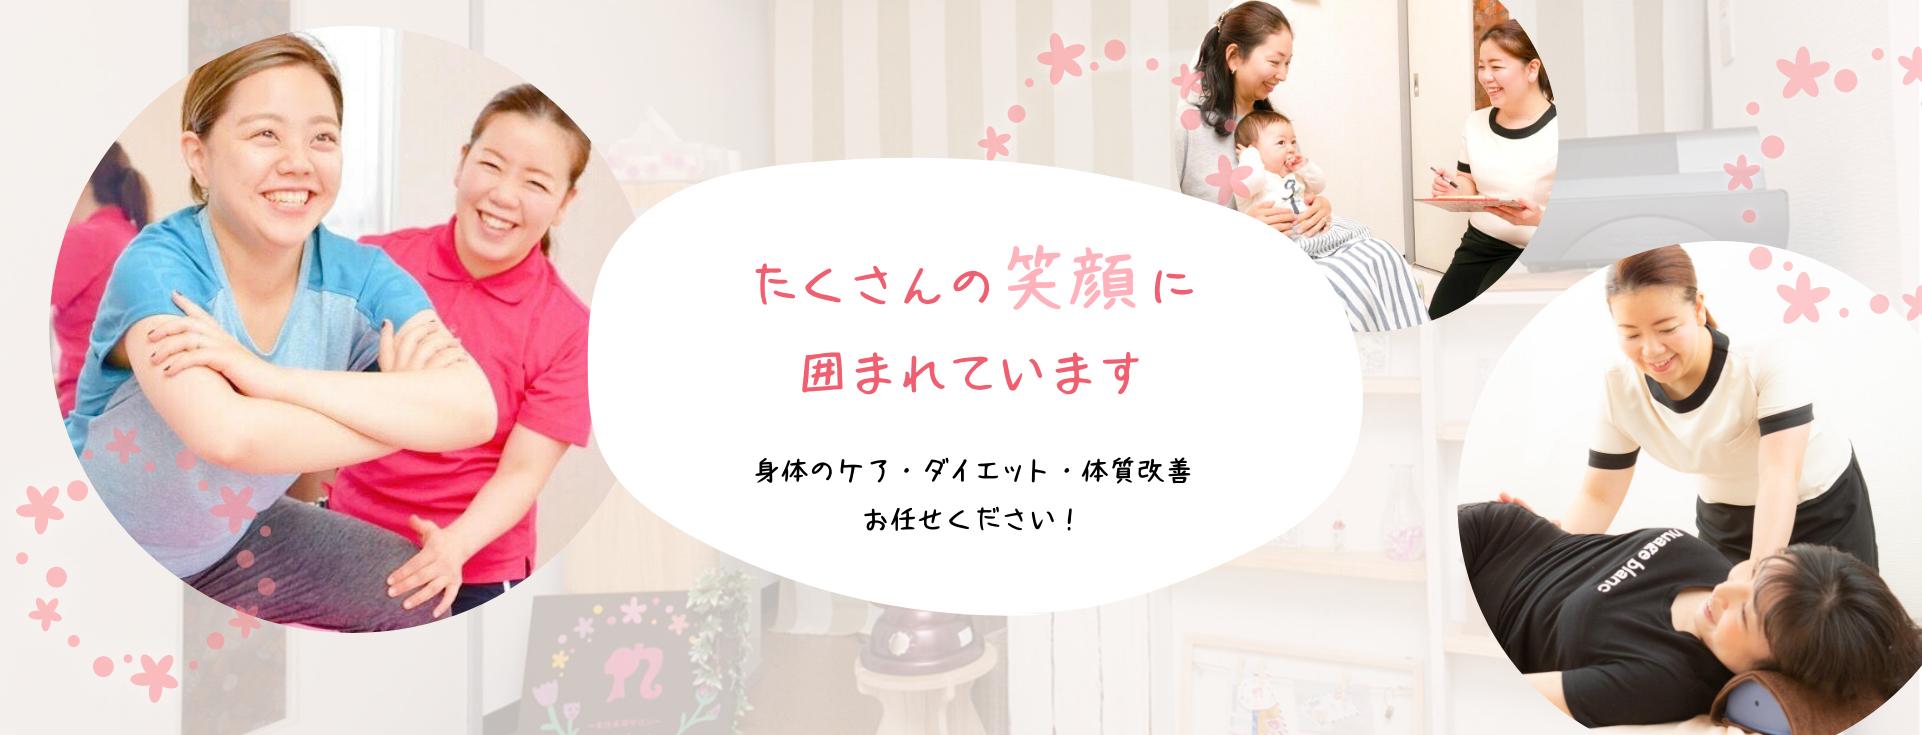 鶴見で女性専用の整体院・パーソナルトレーナー|Hanakoto整体院